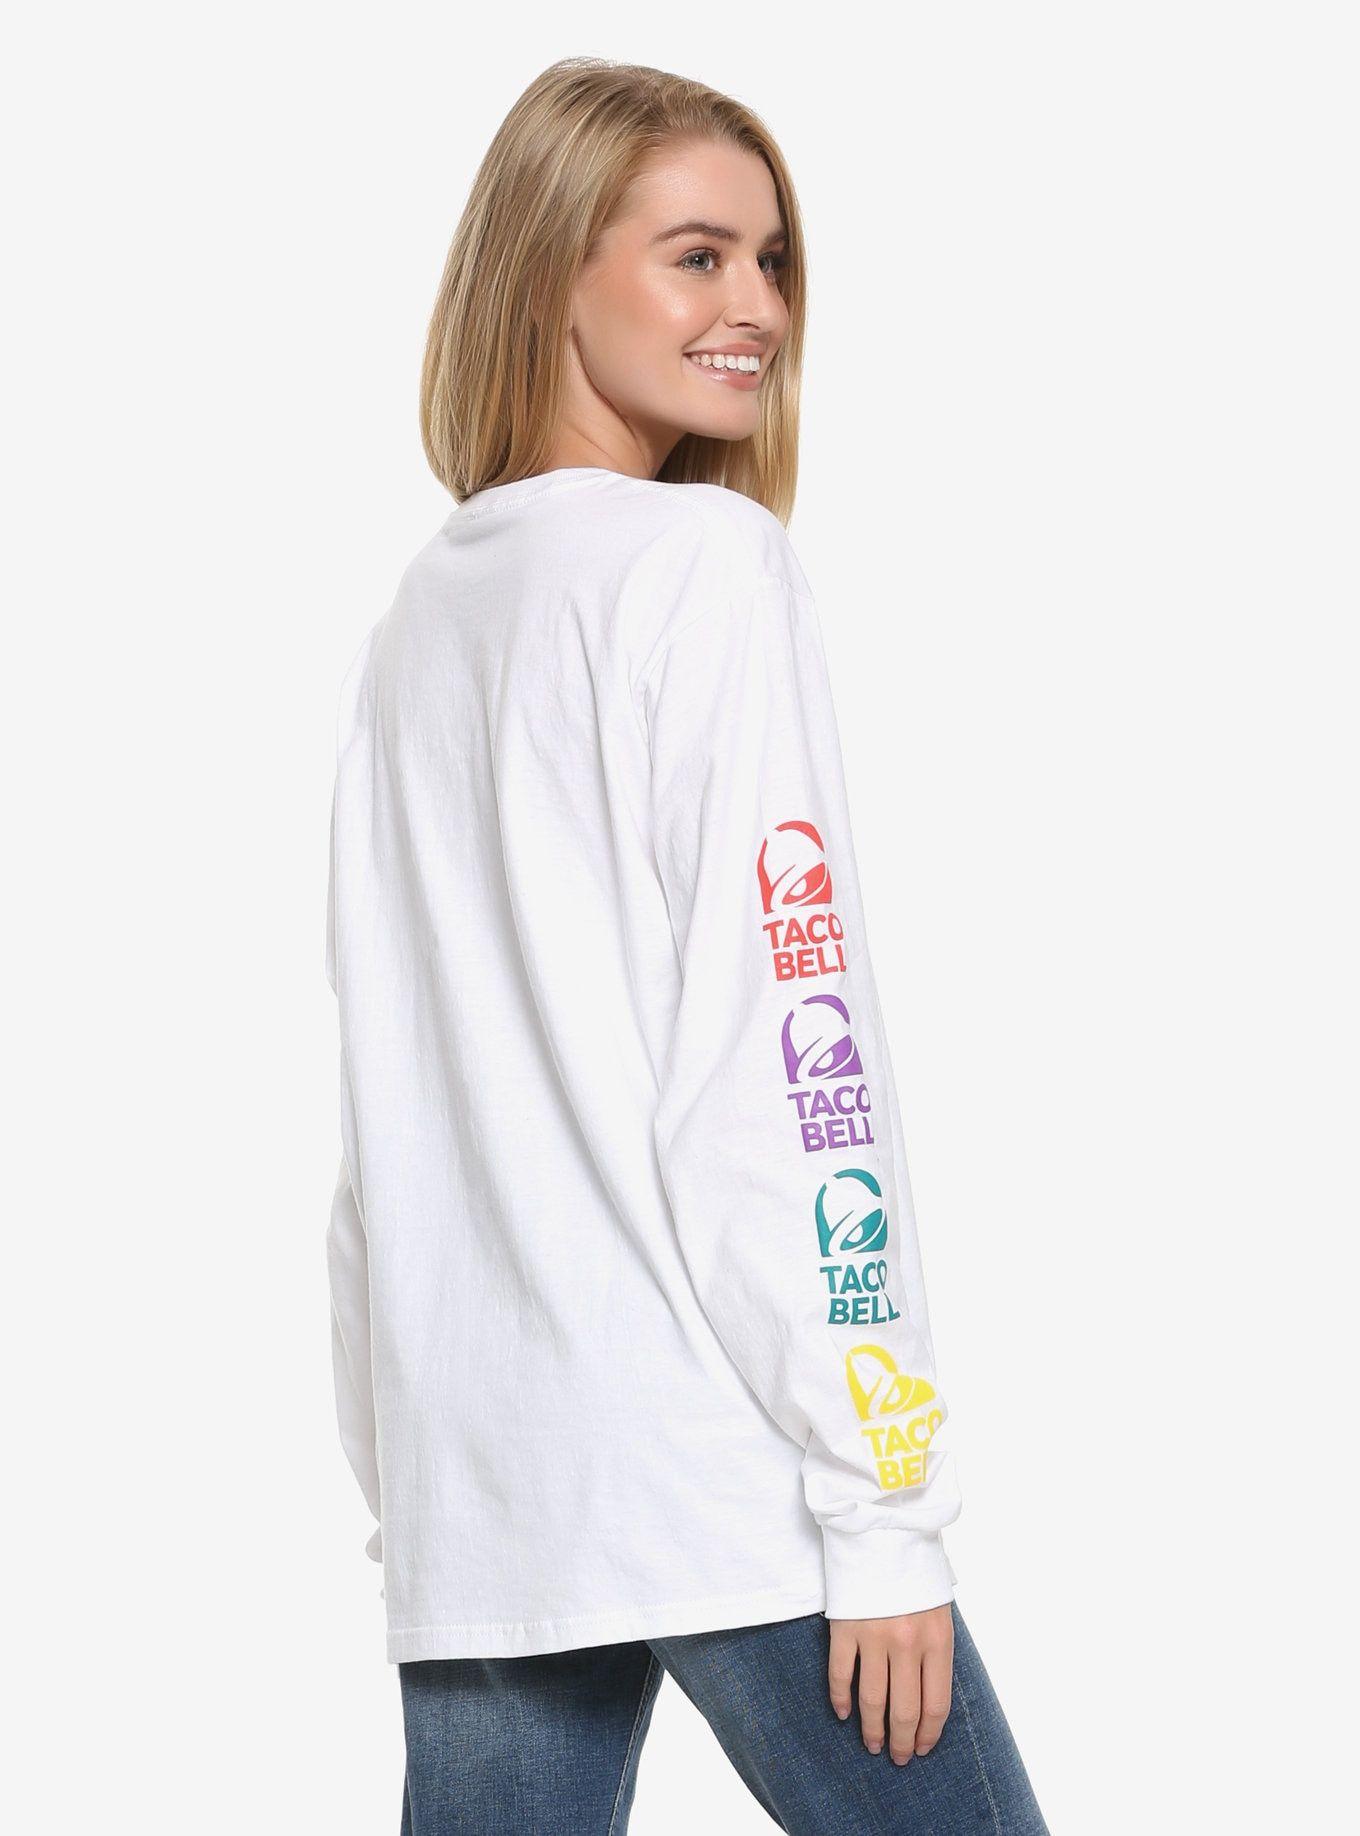 b398d7b58 Taco Bell Long Sleeve T-Shirt - BoxLunch Exclusive de 2019 ...